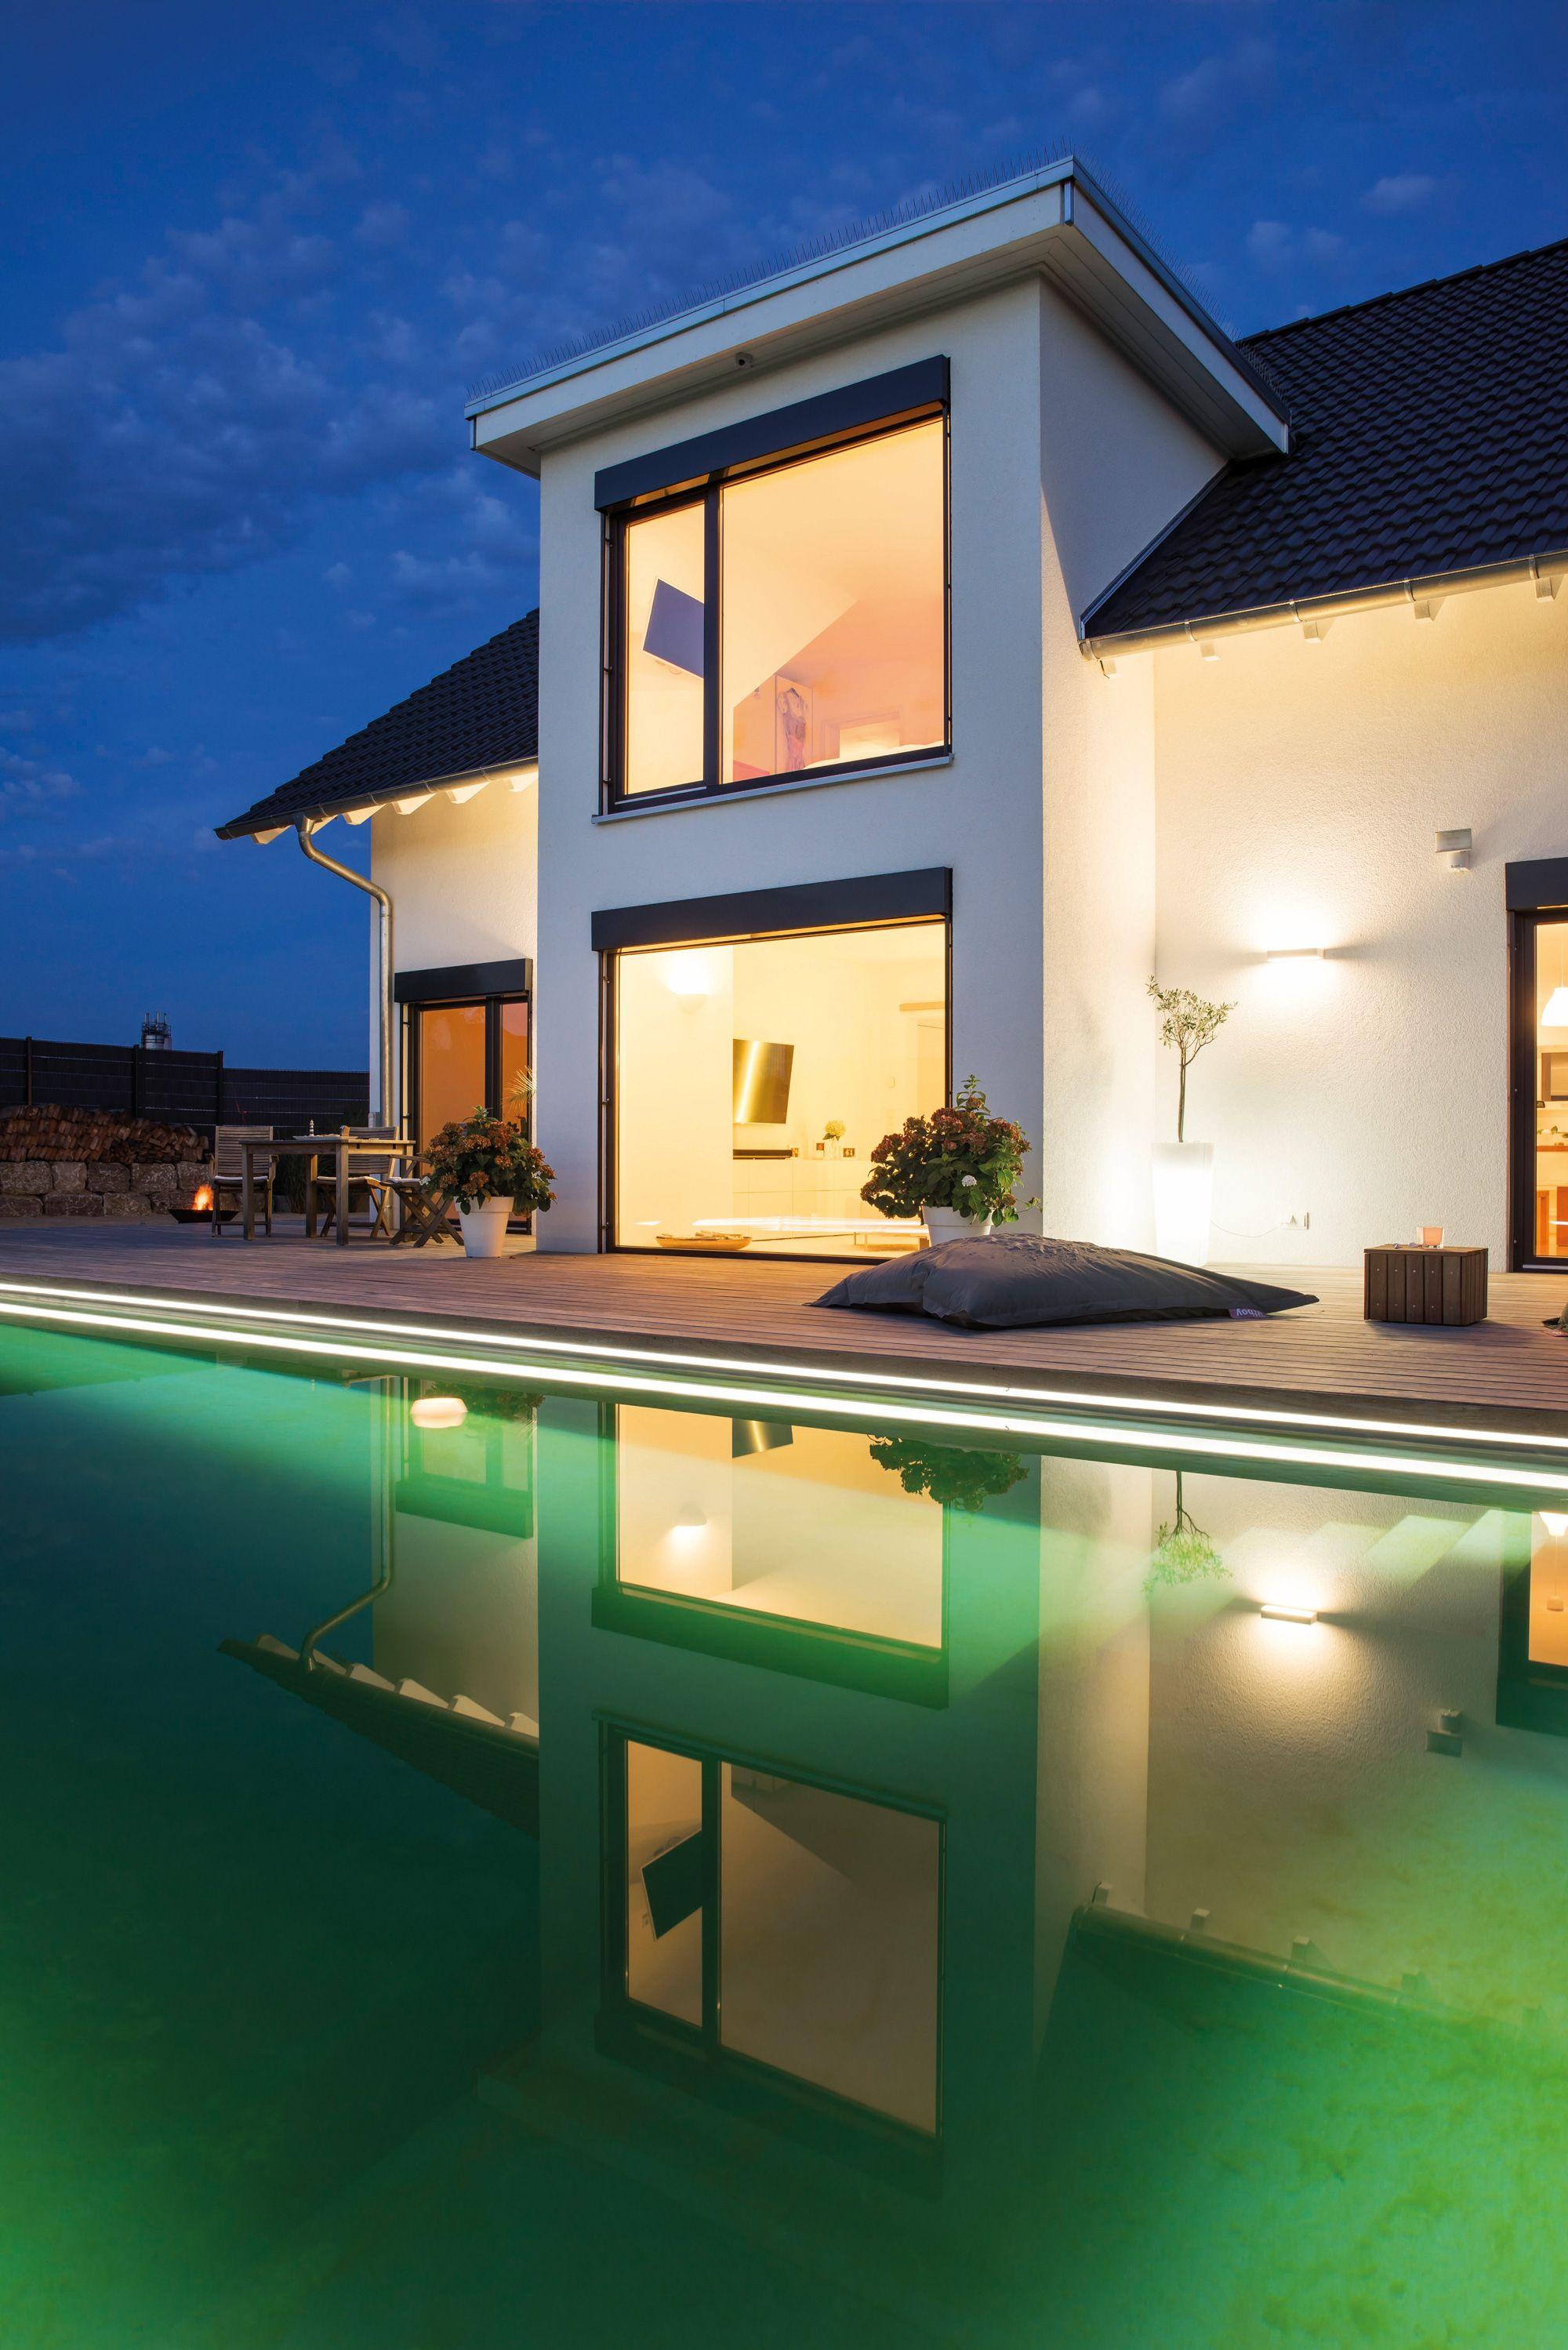 Moderne Terrasse mit Swimmingpool | Ideen rund ums Haus ...